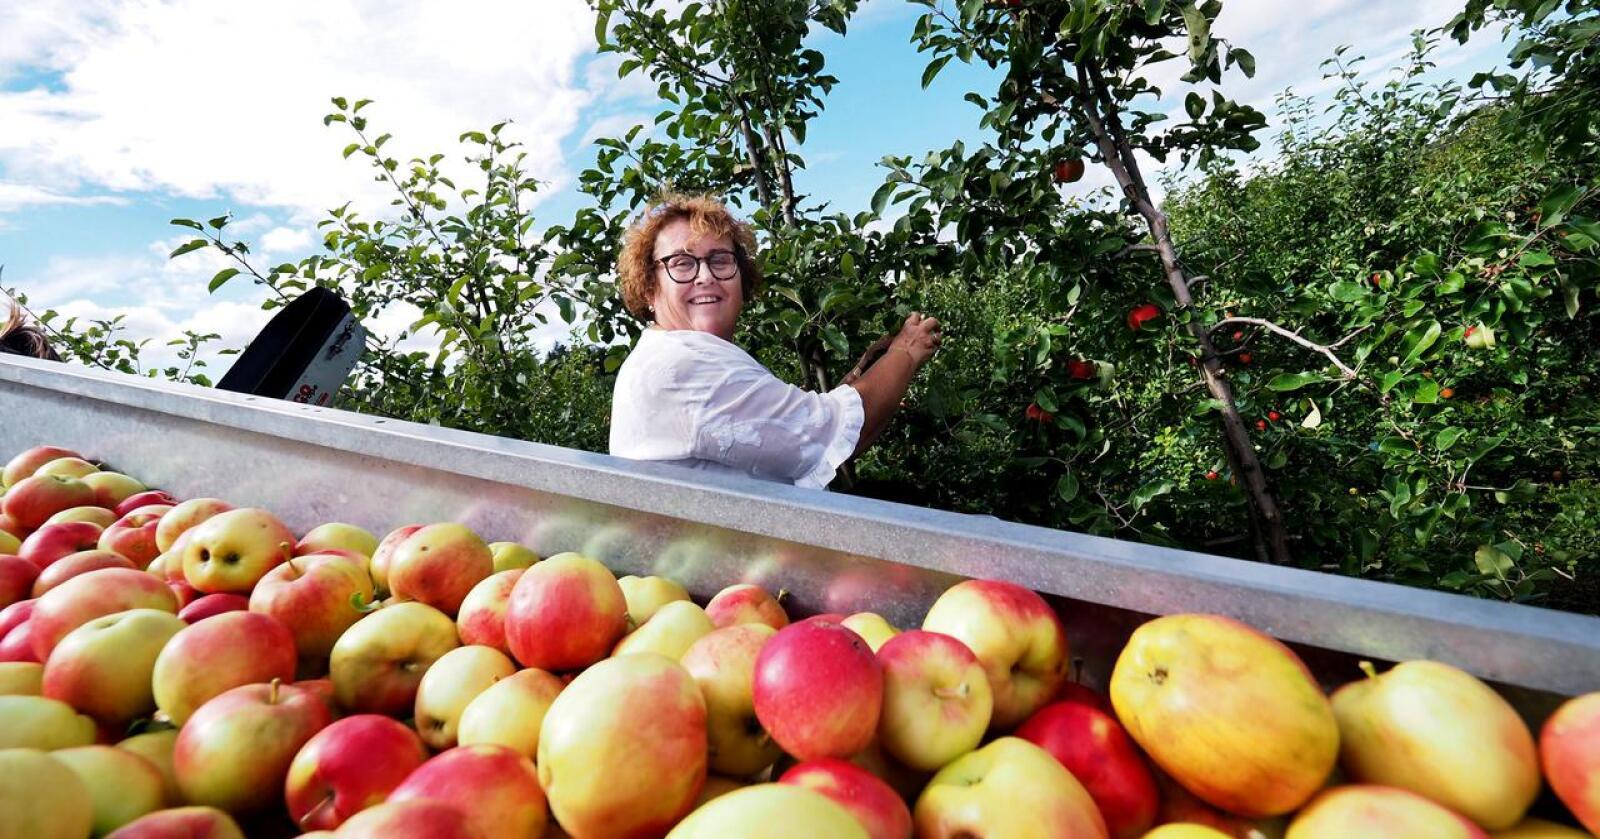 Landbruks- og matminister Olaug Bollestad (KrF) har trolig nok å henge fingrene i under sluttspurten av forhandlingene om en ny frihandelsavtale med Storbritannia denne uken. Foto: Siri Juell Rasmussen